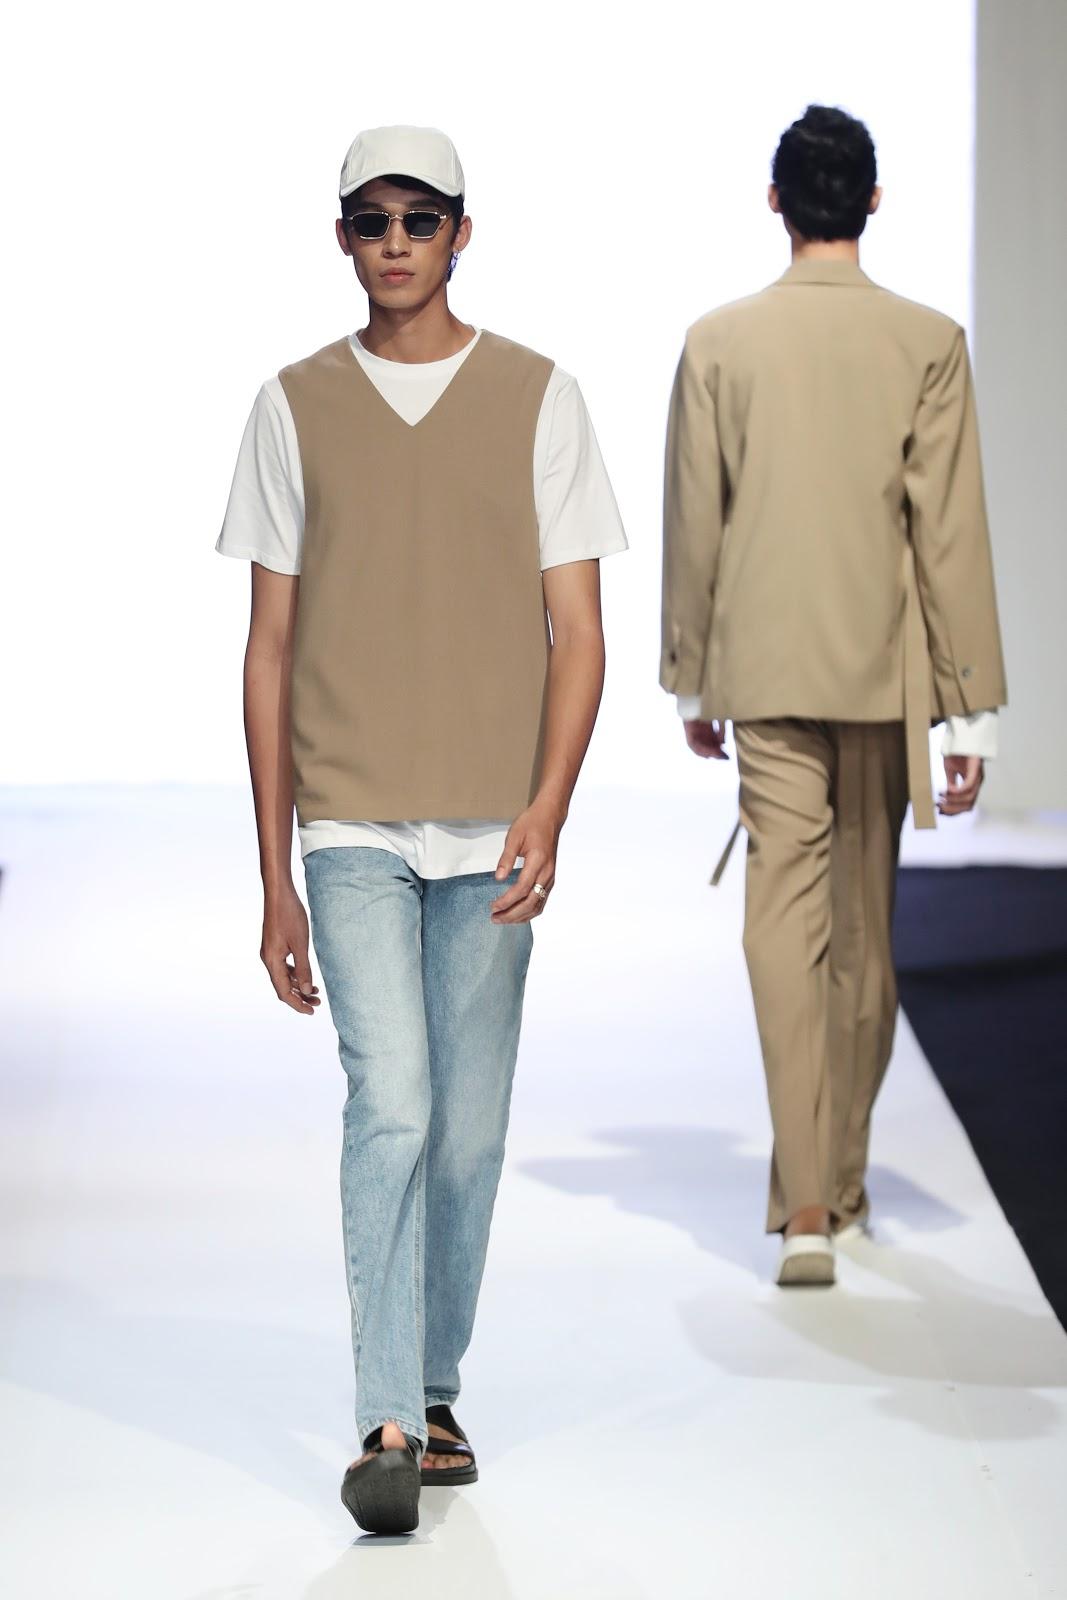 Sau ồn ào với Trương Thế Vinh, Maschio chọn Jay Quân làm vedette cho show diễn mở màn Vietnam Runway Fashion Week - Hình 14